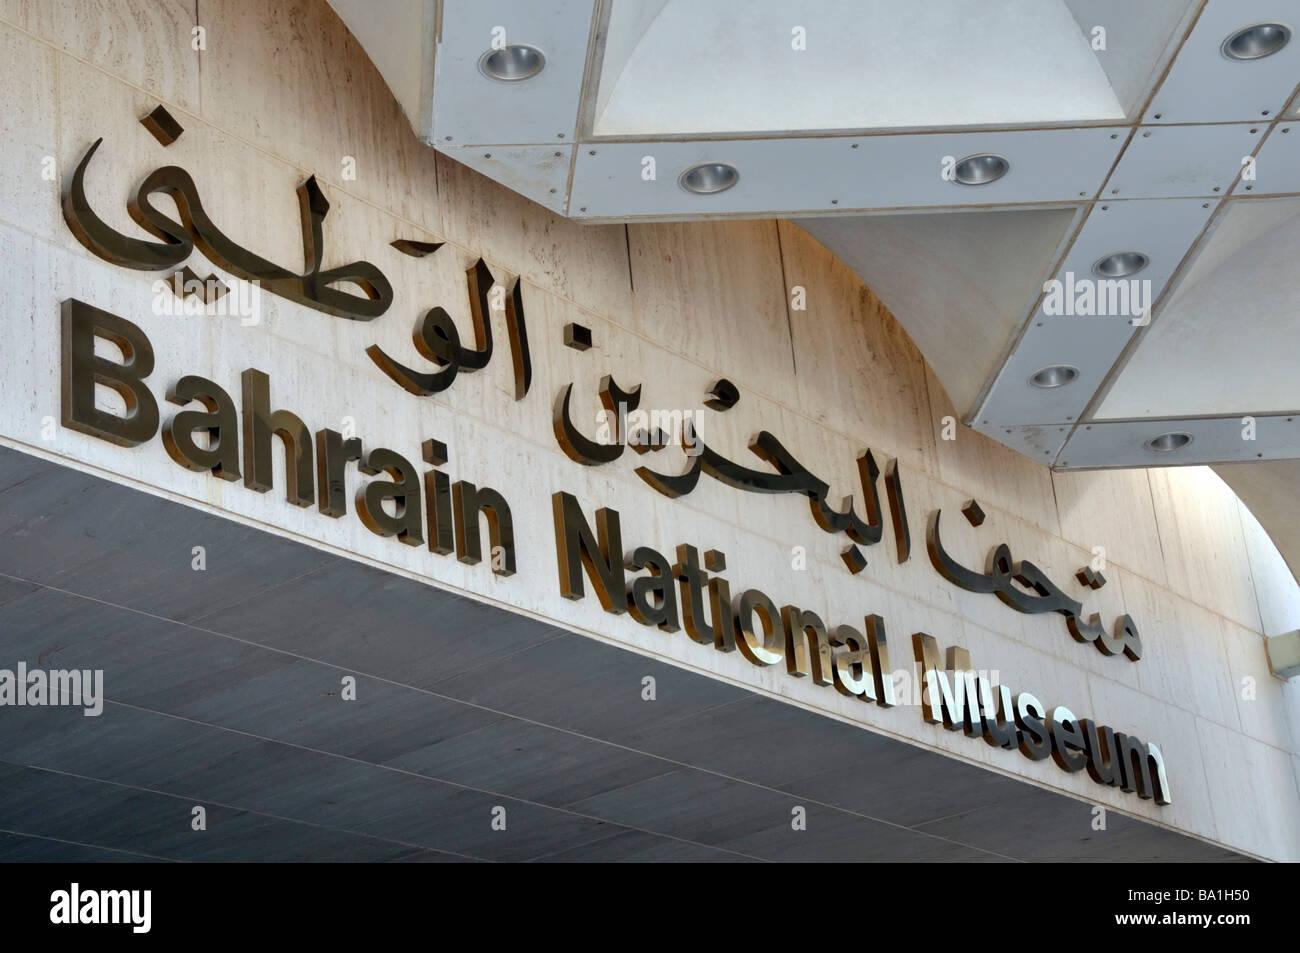 Bahrain cartello bilingue al di sopra di ingresso al Bahrain Museo Nazionale Immagini Stock